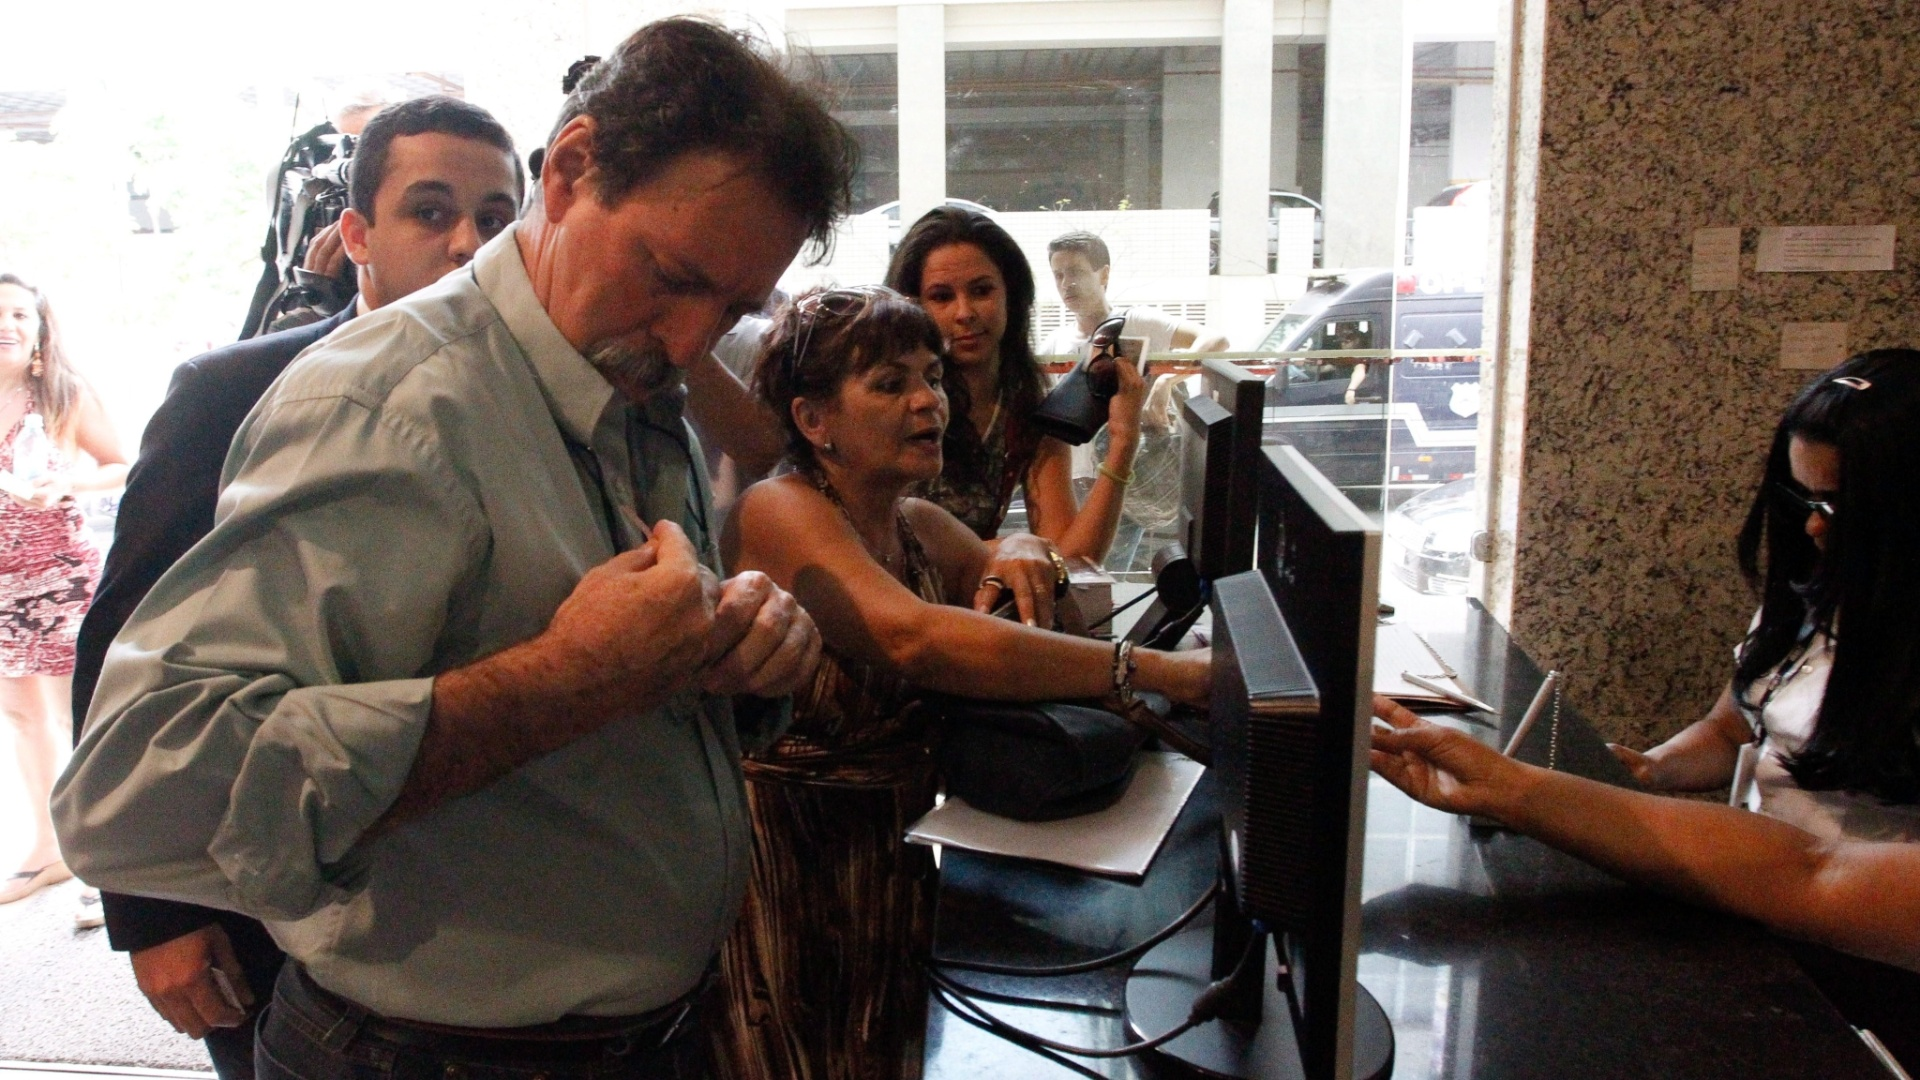 30.set.2014 - O ex-tesoureiro do PT Delúbio Soares, condenado a 6 anos e 8 meses de prisão no julgamento do mensalão, chega à Vara de Execuções de Penas e Medidas Alternativas (VEPEMA) em Brasília, para pegar o alvará confirmando que está no regime semiaberto. O ministro Luís Roberto Barroso, do Supremo Tribunal Federal (STF), autorizou na segunda-feira (22) o que ele cumpra o restante de sua pena de prisão em casa